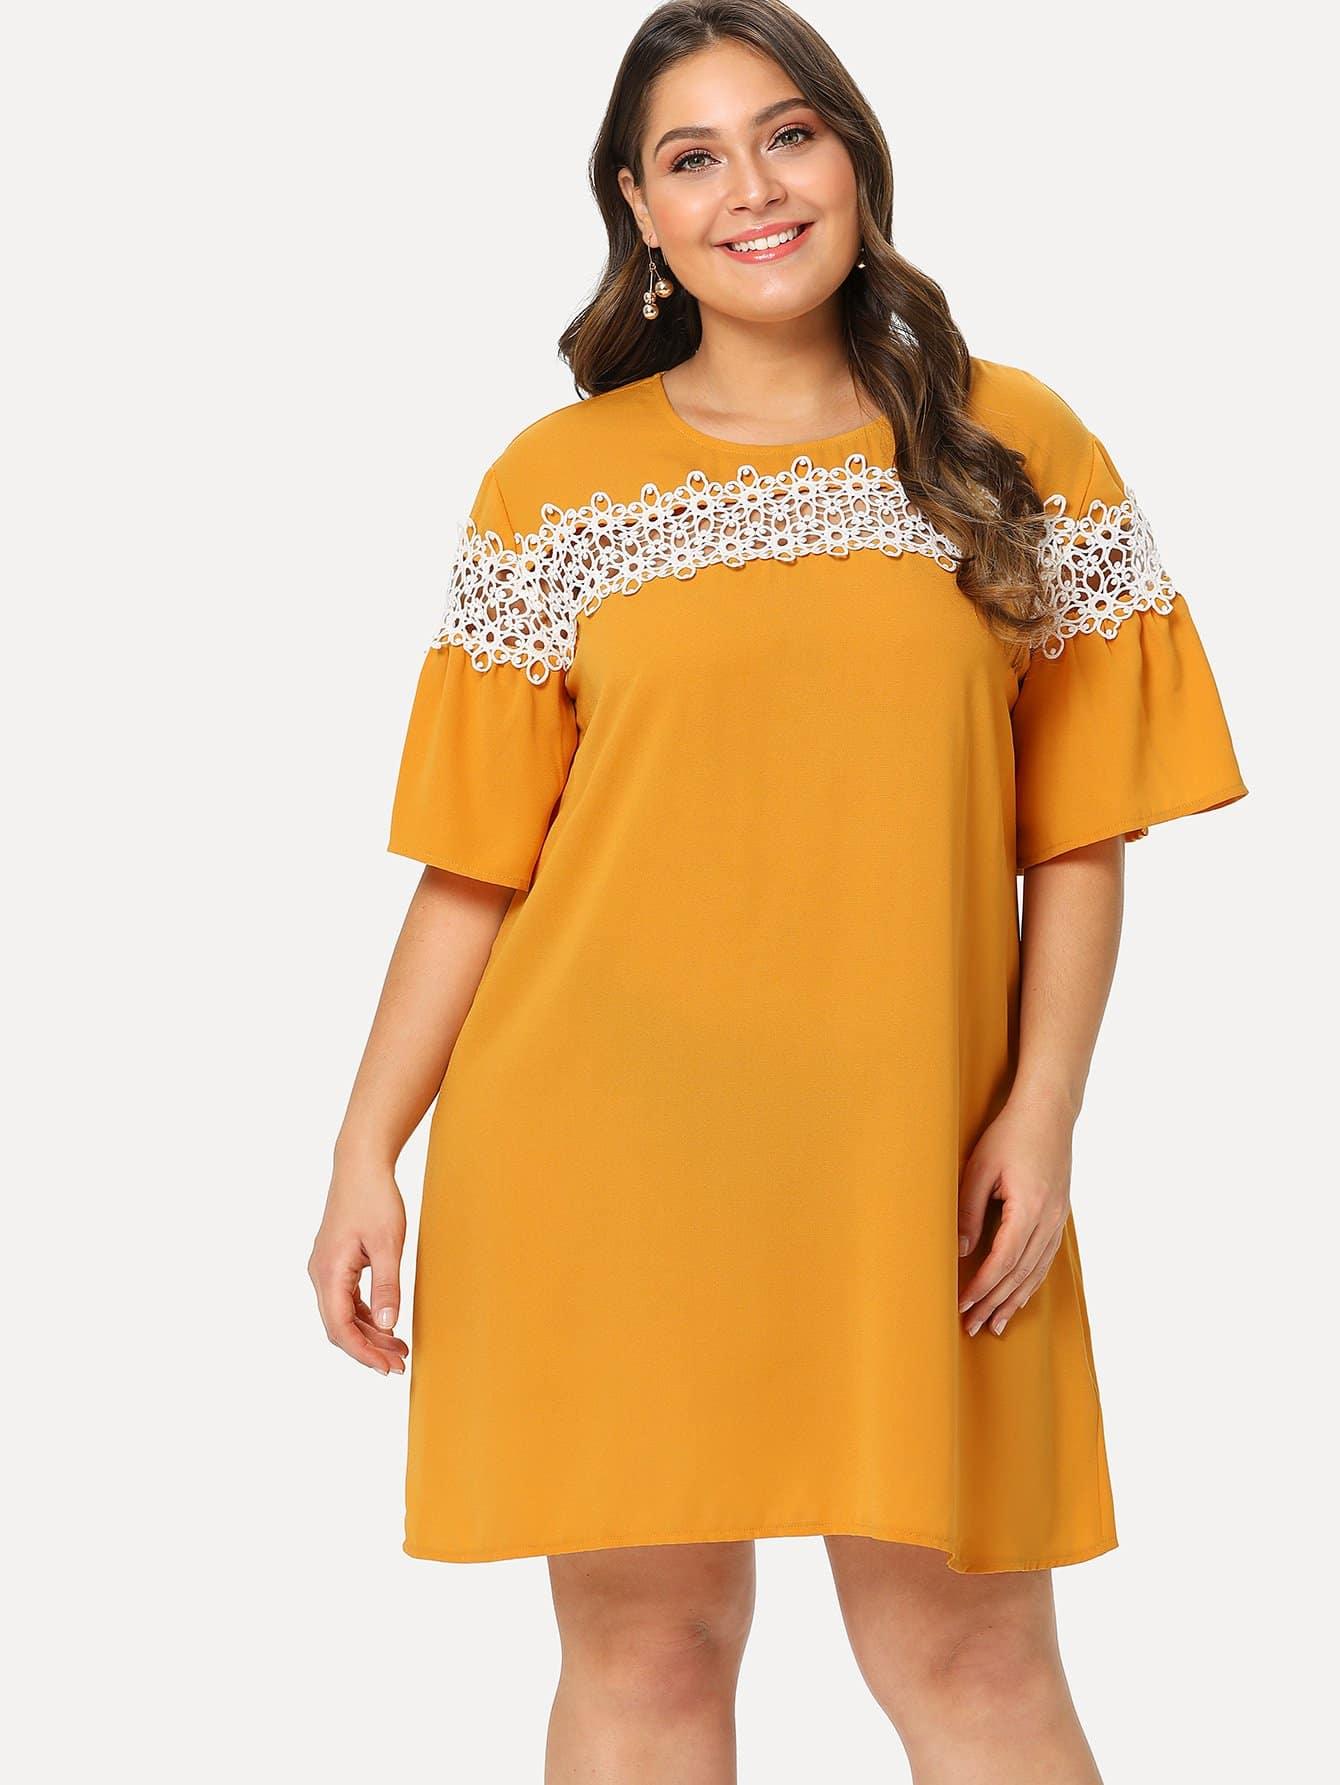 Contrast Lace Applique Tunic Dress tia в европе и одно плечо диагональ малый мешок 2015 новый винтаж летучая мышь сумка сумочка красные крылья волны